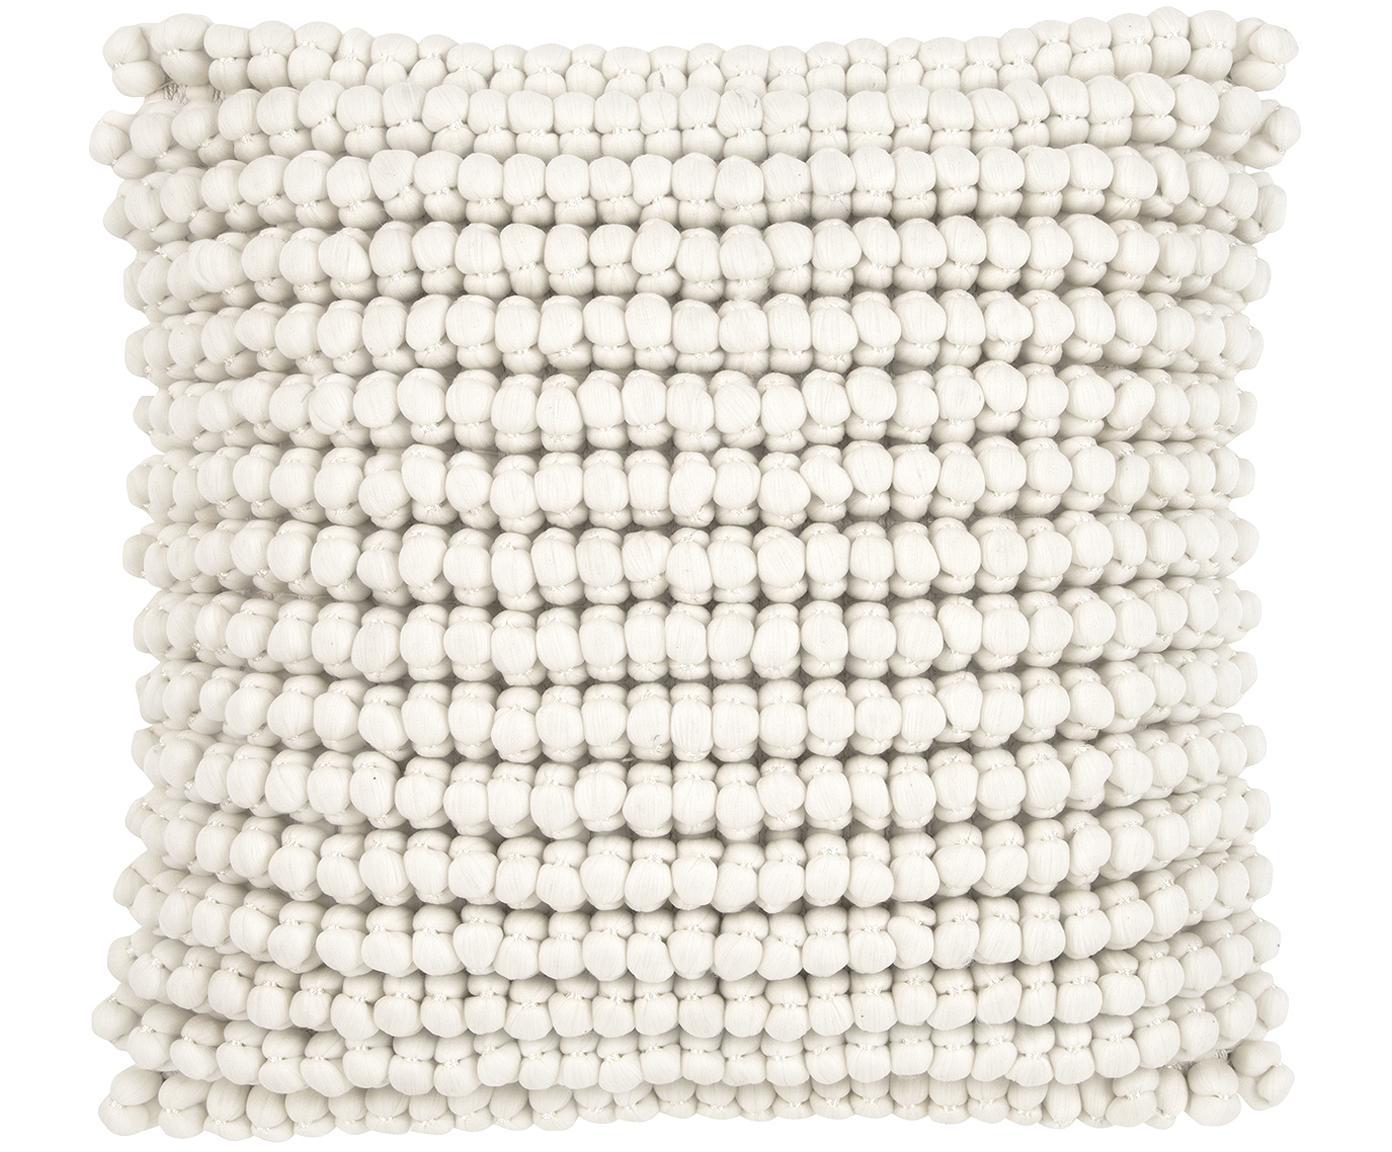 Kissenhülle Iona mit kleinen Stoffkugeln, Vorderseite: 70% Polyester, 30% Baumwo, Rückseite: Baumwolle, Cremeweiß, 45 x 45 cm